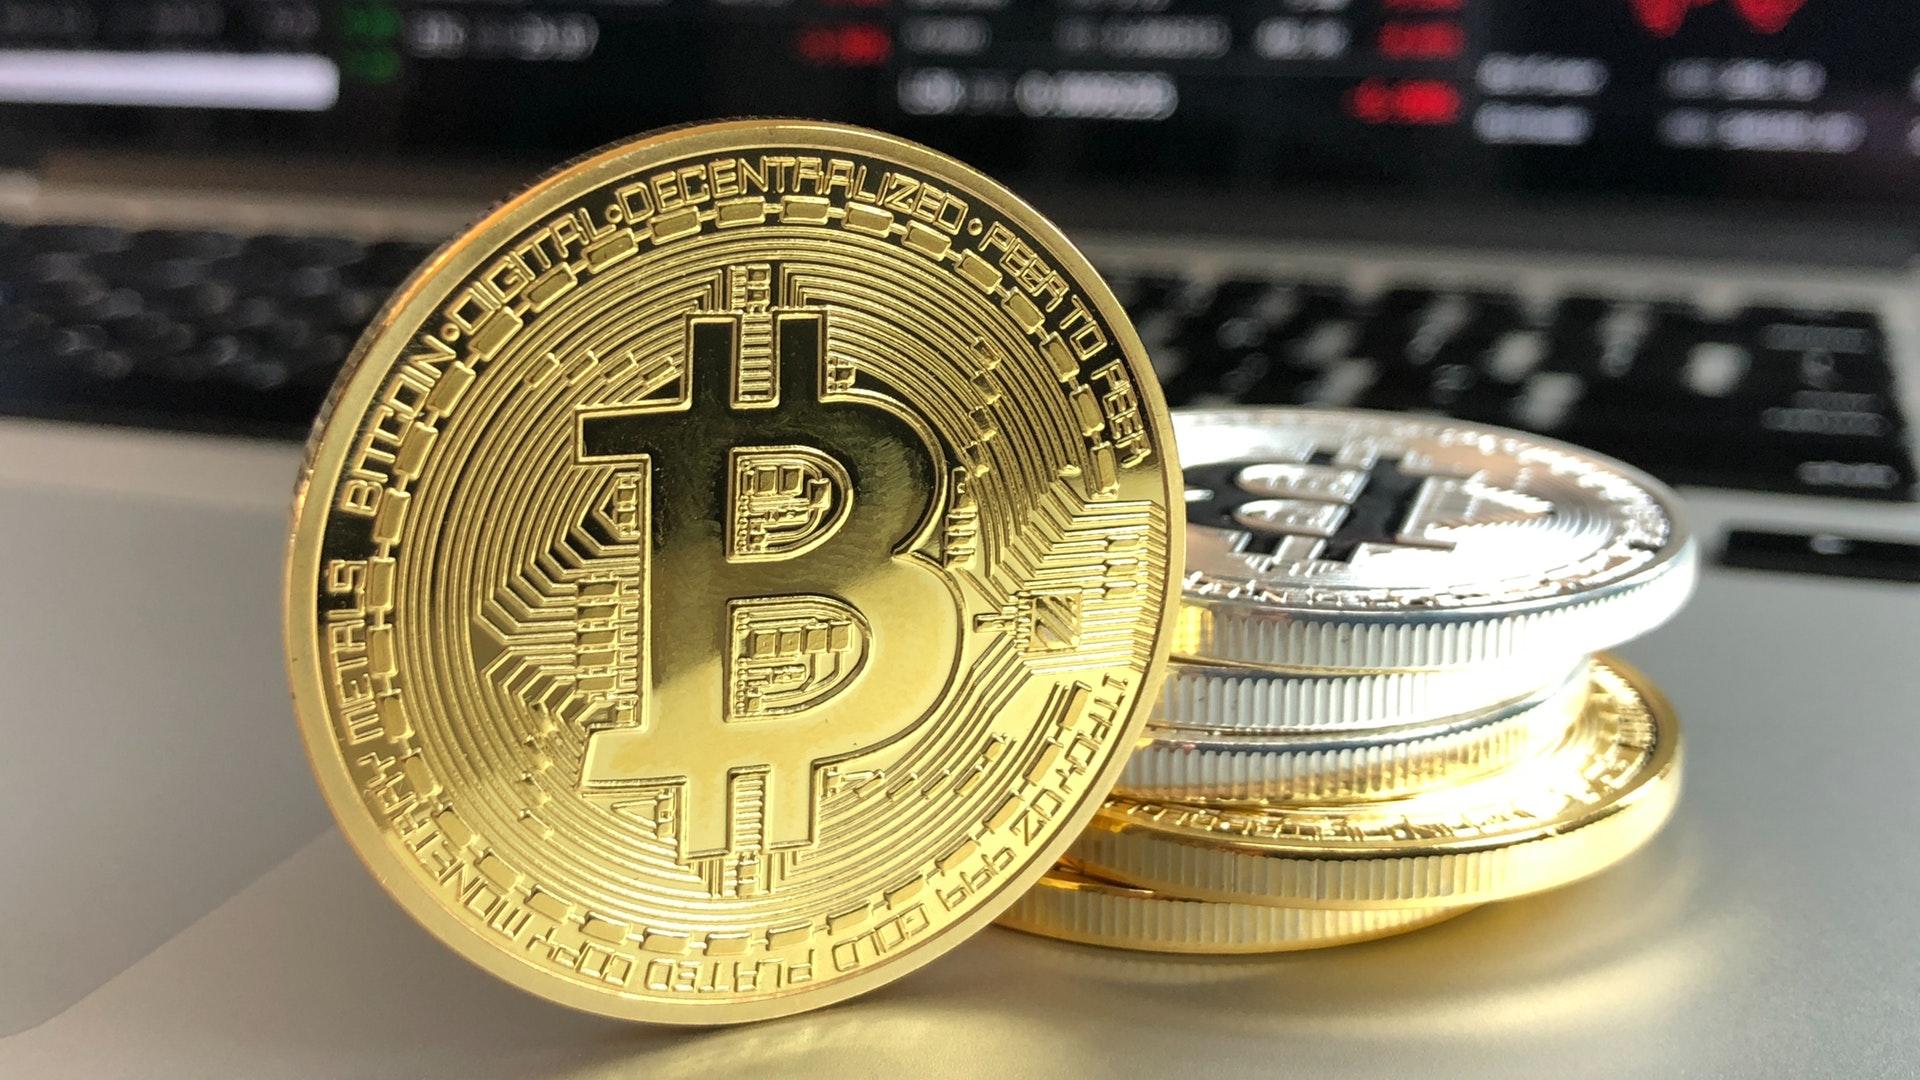 Une canne à pêche contenant la clef pour accéder à 53 millions d'euros en bitcoins a été incinérée